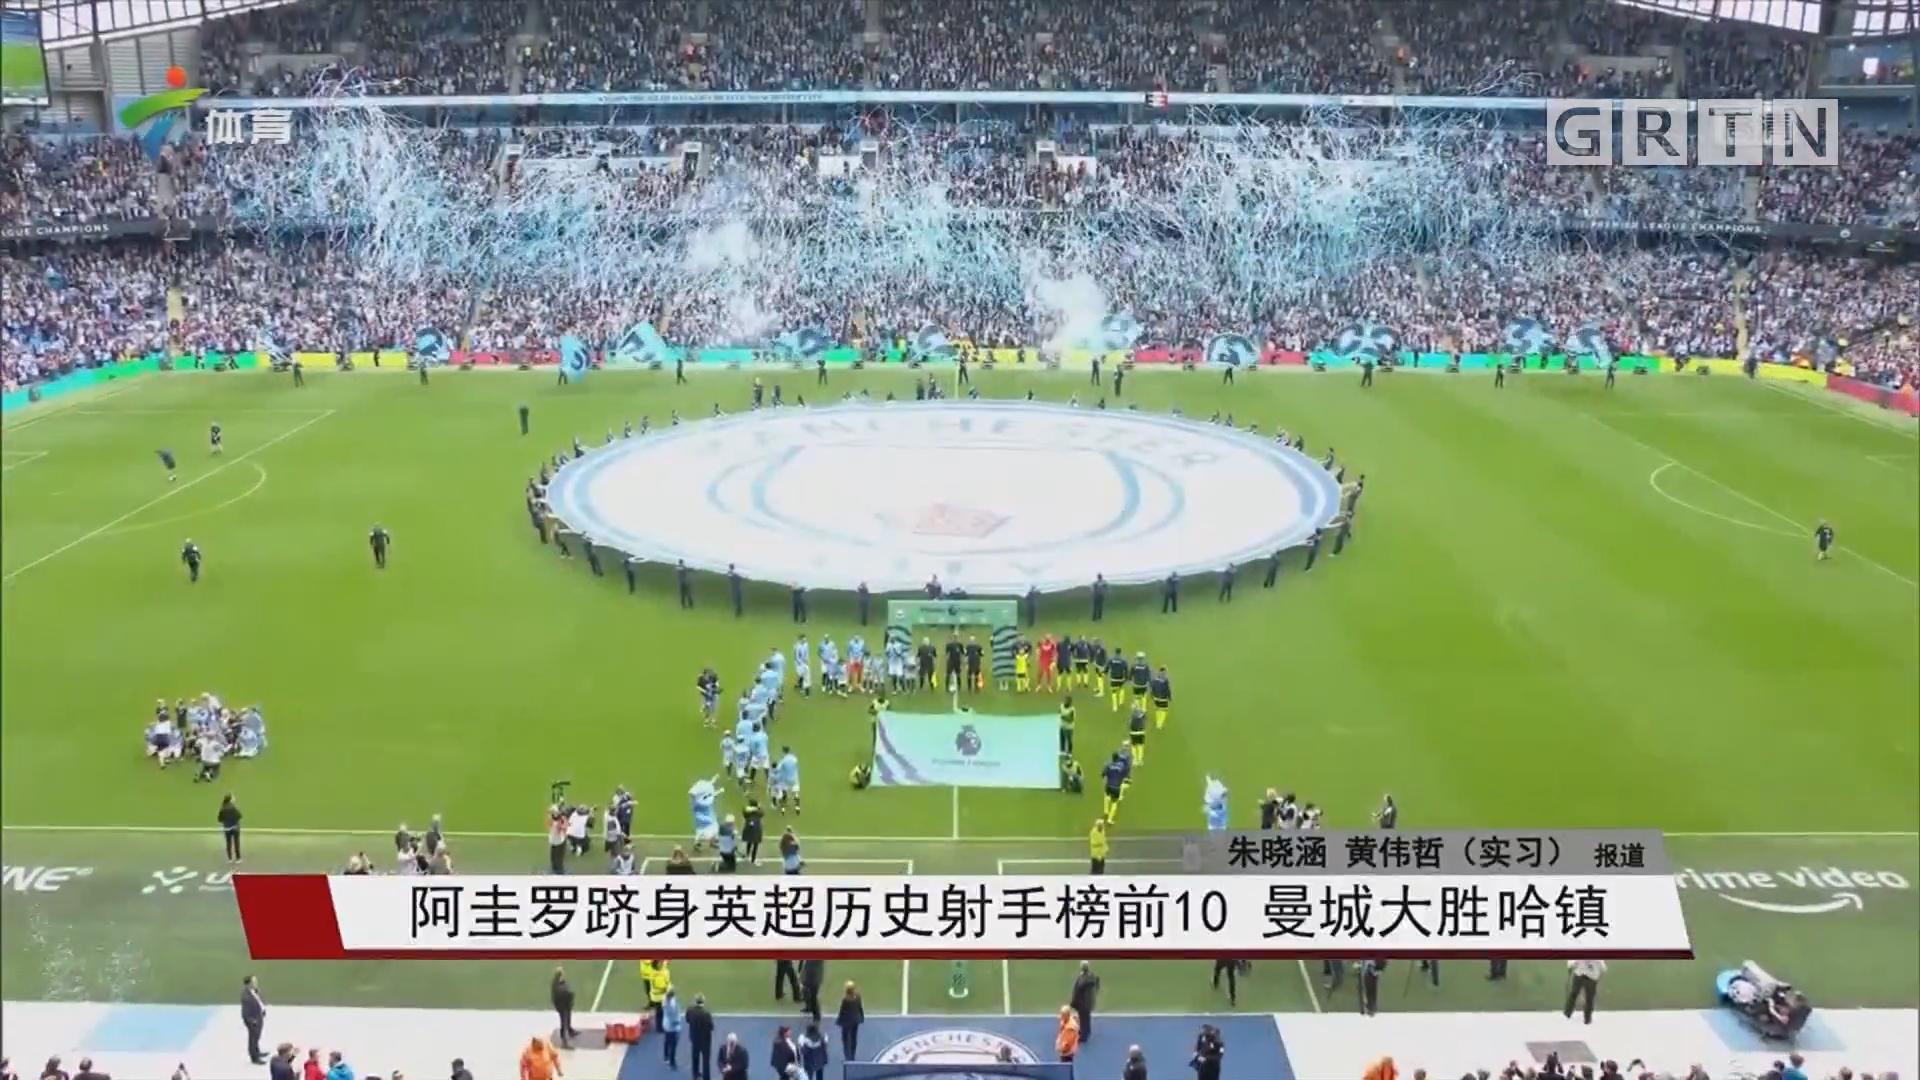 阿圭罗跻身英超历史射手榜前10 曼城大胜哈镇